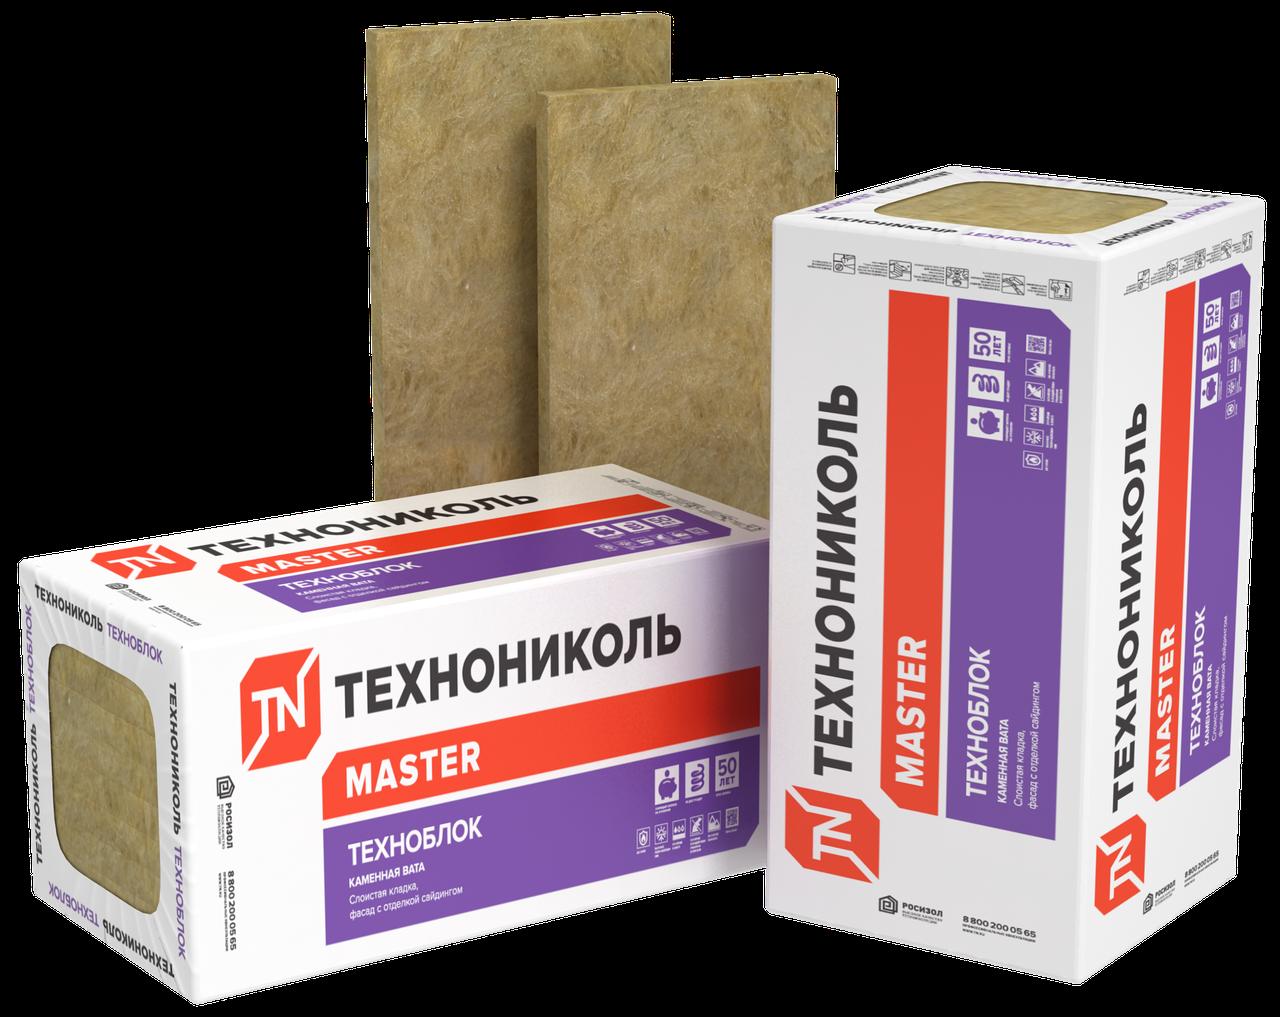 Техноблок Стандарт 50 мм 45 кг/м.куб базальтовый утеплитель Технониколь